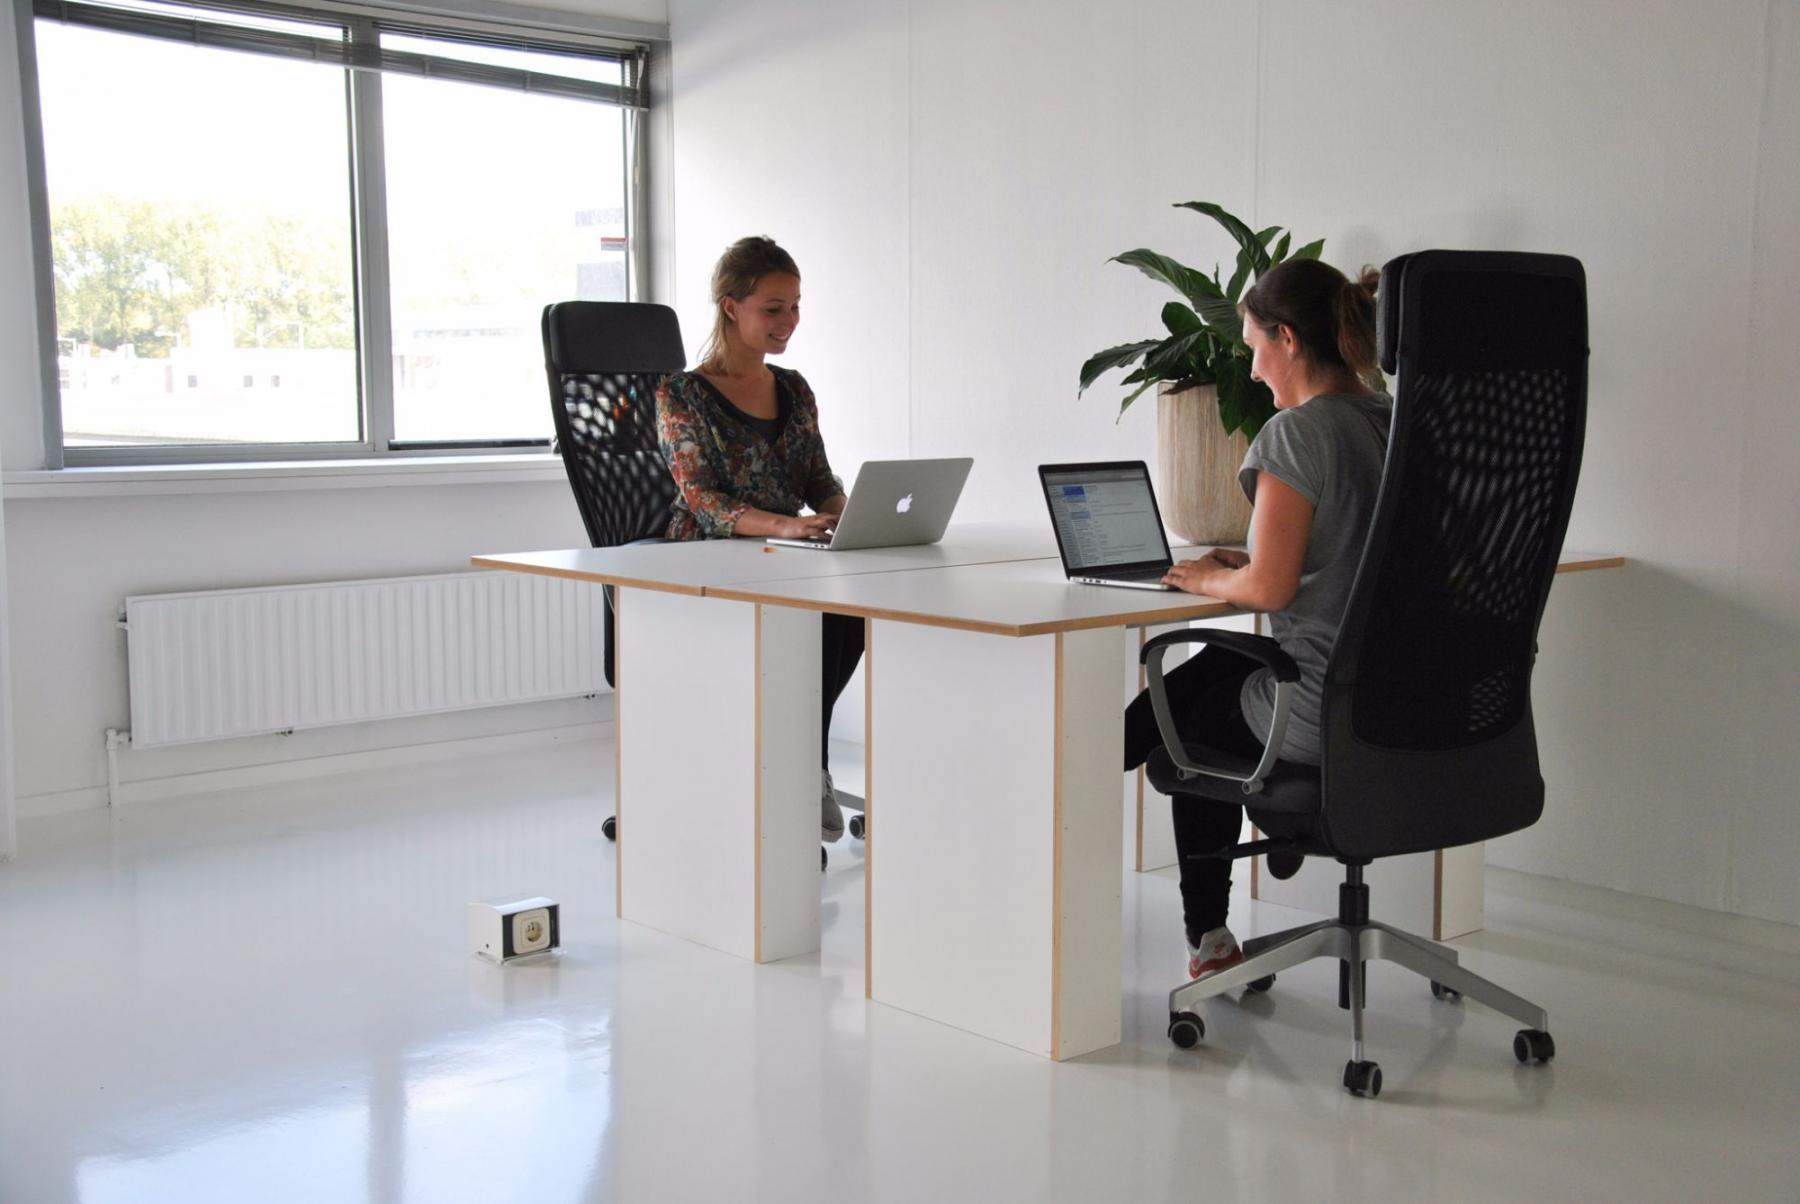 kantoorruimte bureau bureaustoelen plant ramen licht lichtinval